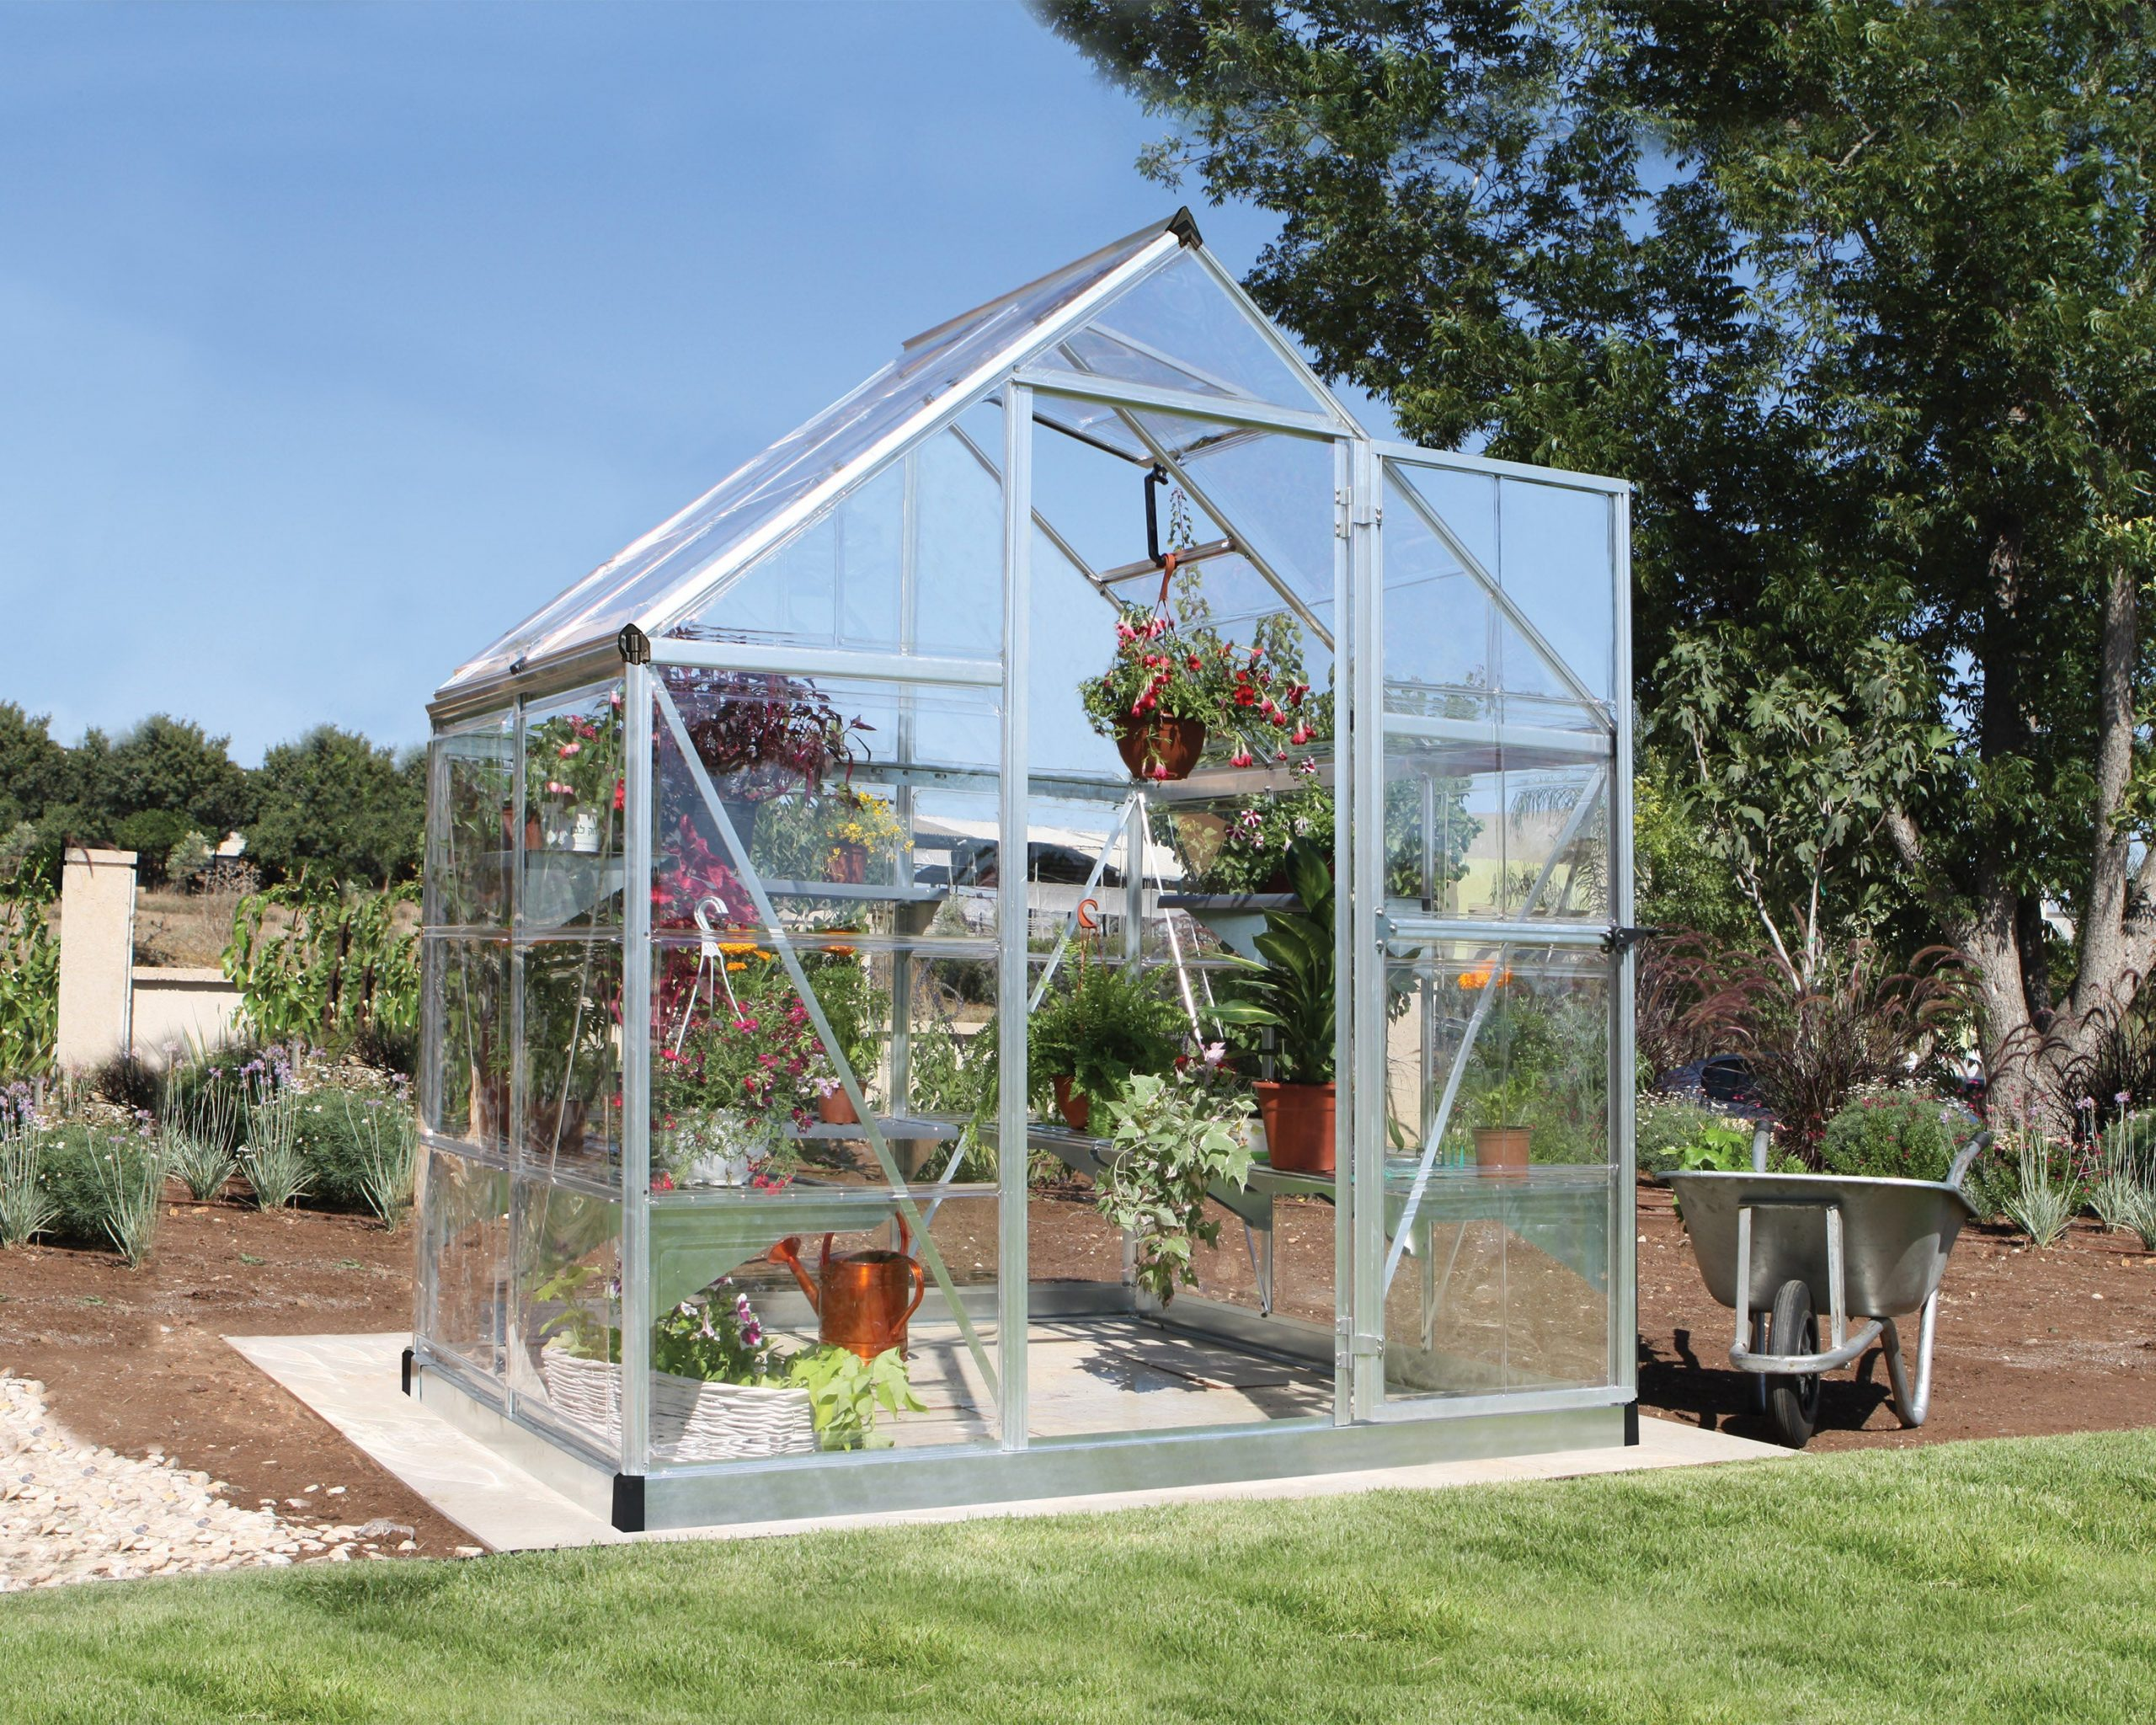 Serre De Jardin Argent Harmony 2.3 M², Aluminium Et Polycarbonate, Palram dedans Serre De Jardin Leroy Merlin